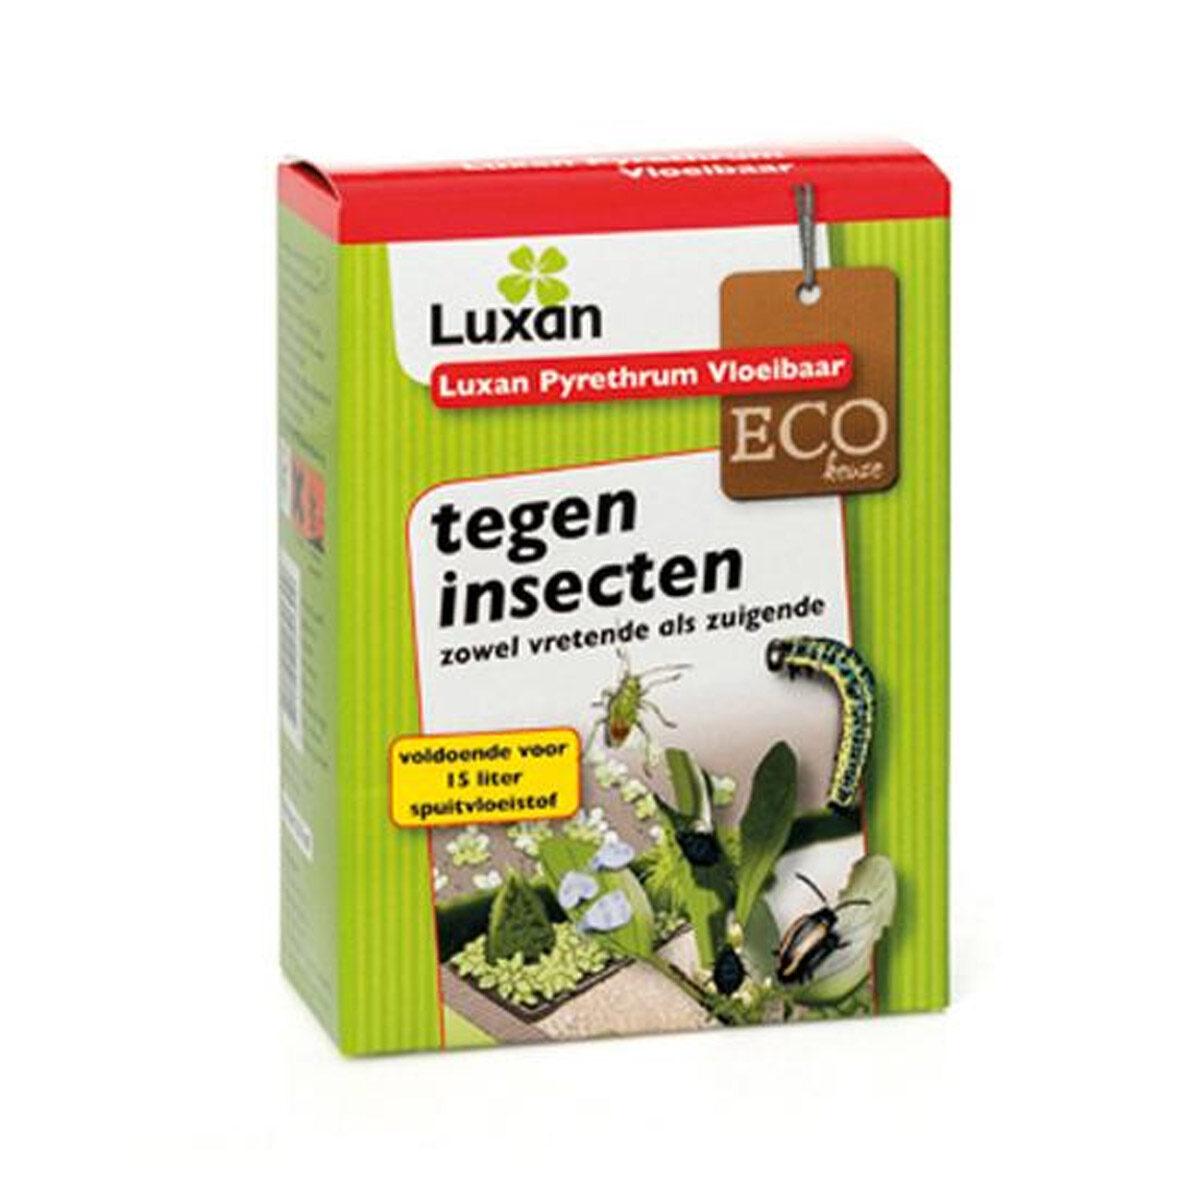 Luxan Pyrethrum Vloeibaar - Tegen Insecten - Gewasbescherming 30 ml - in Verzorging